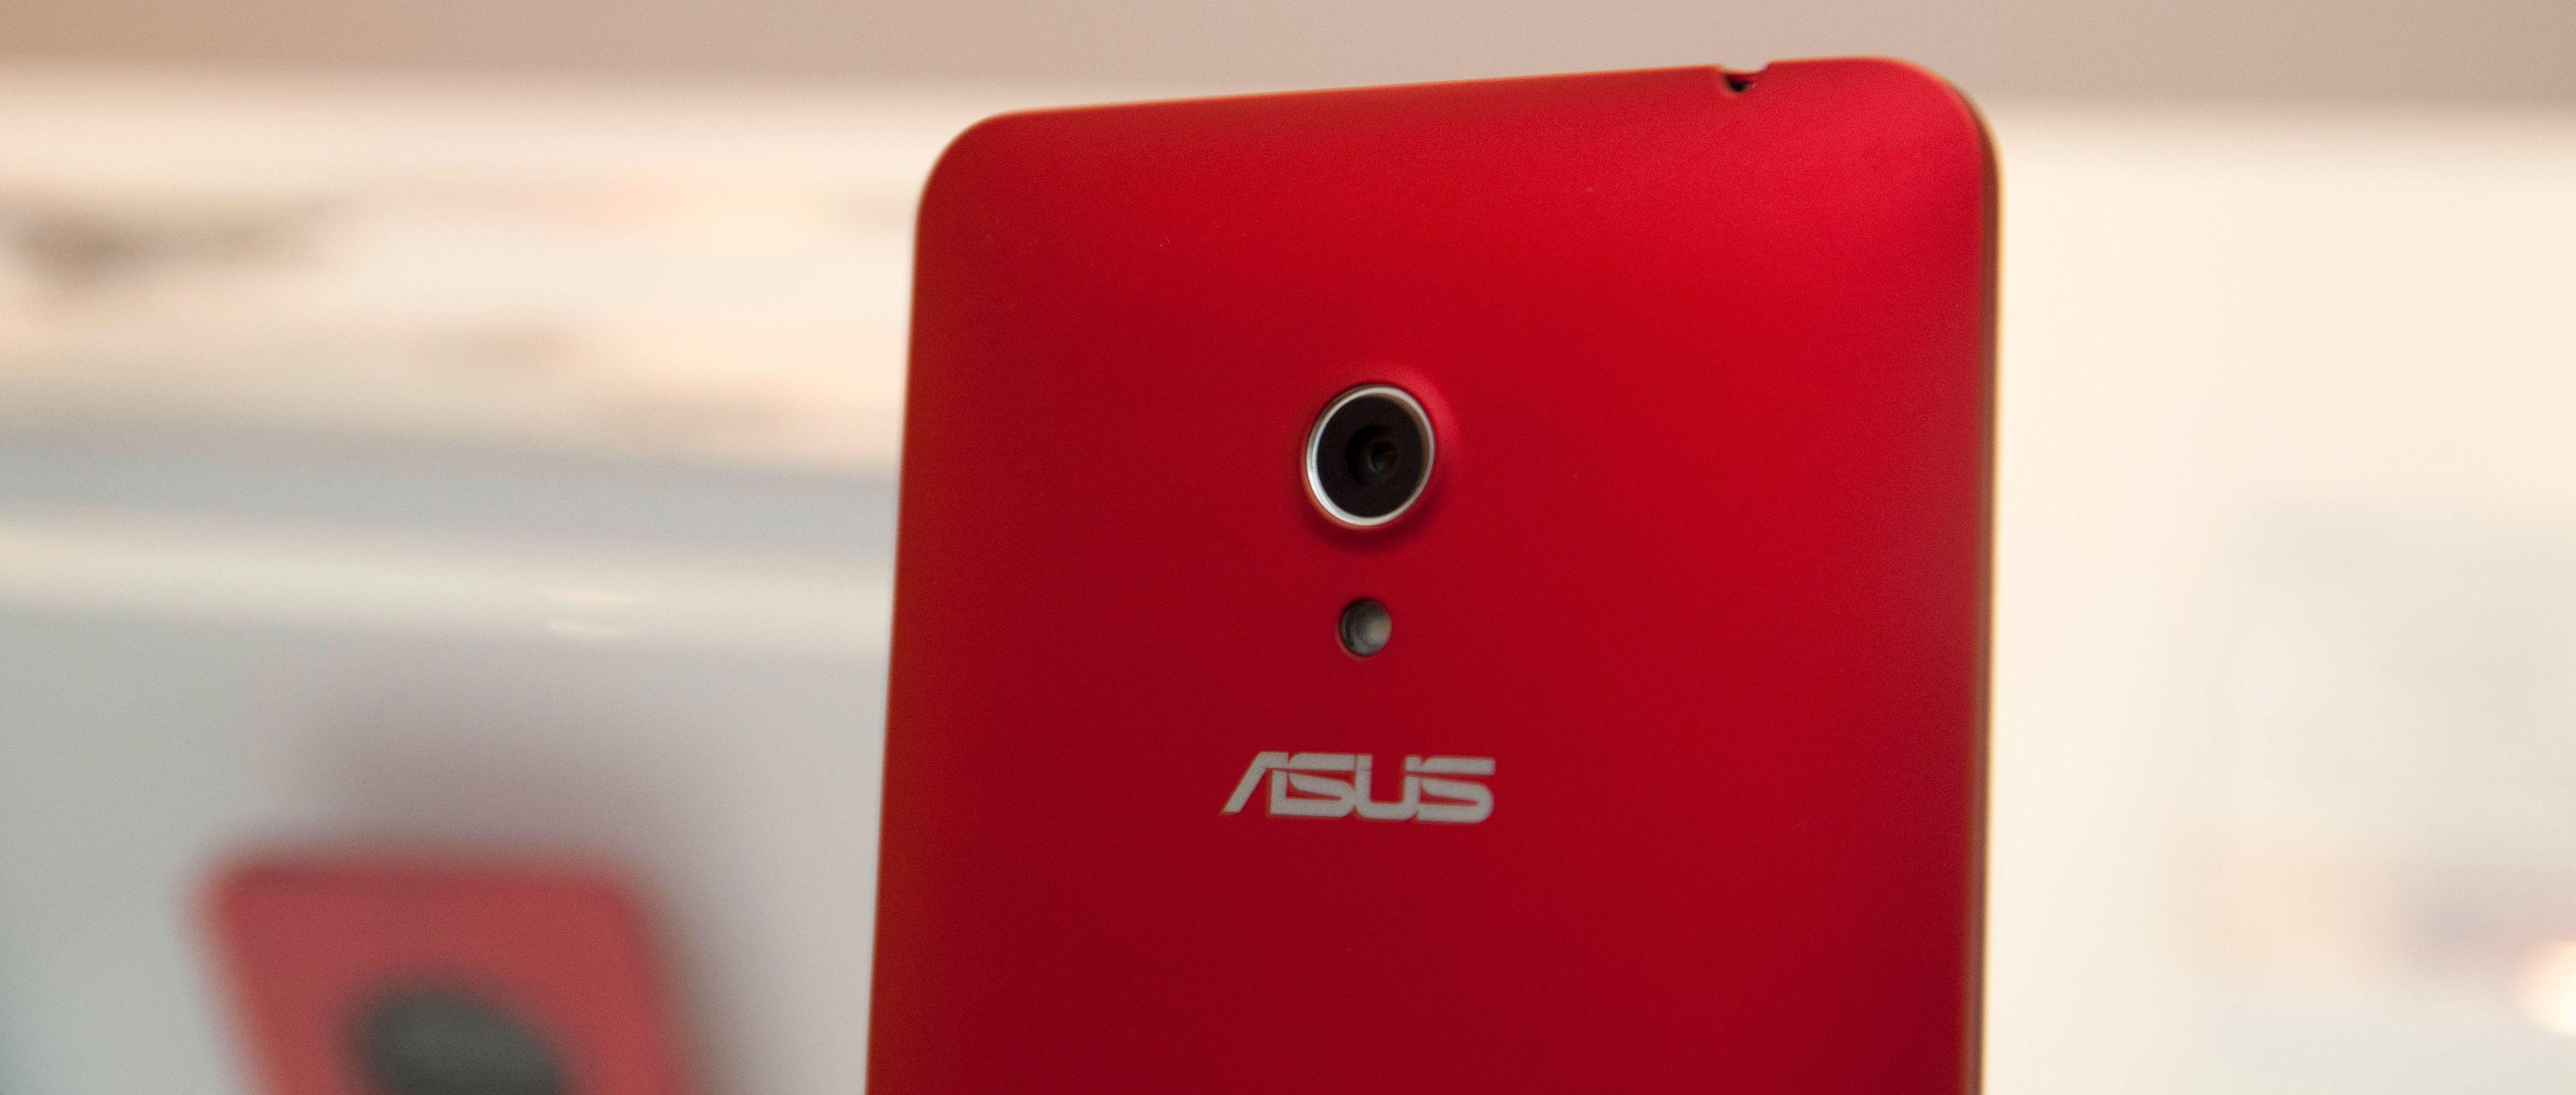 Asus benyttet fjorårets CES til å lansere ZenFone-serien, som består av en rekke prisgunstige Android-mobiler.Foto: Finn Jarle Kvalheim, Tek.no